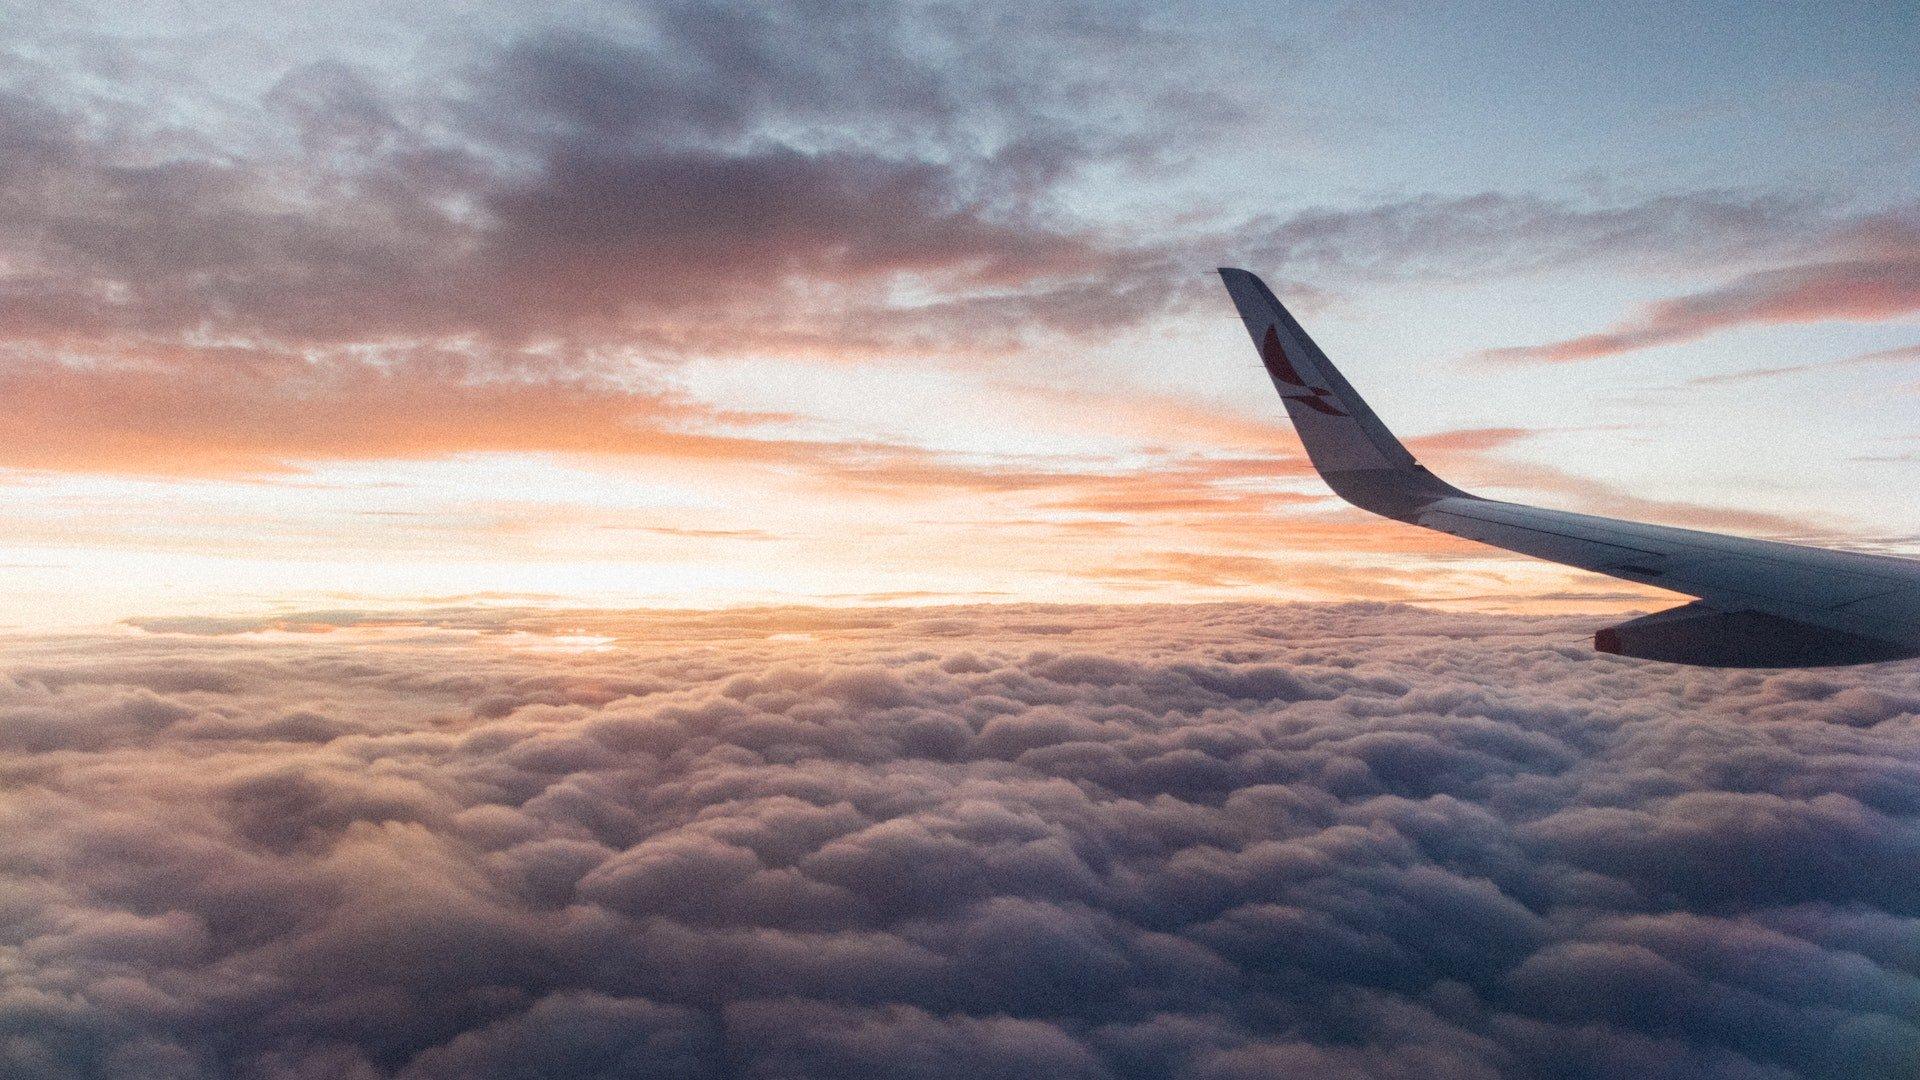 Por qué los aviones vuelan a 36 mil pies de altura